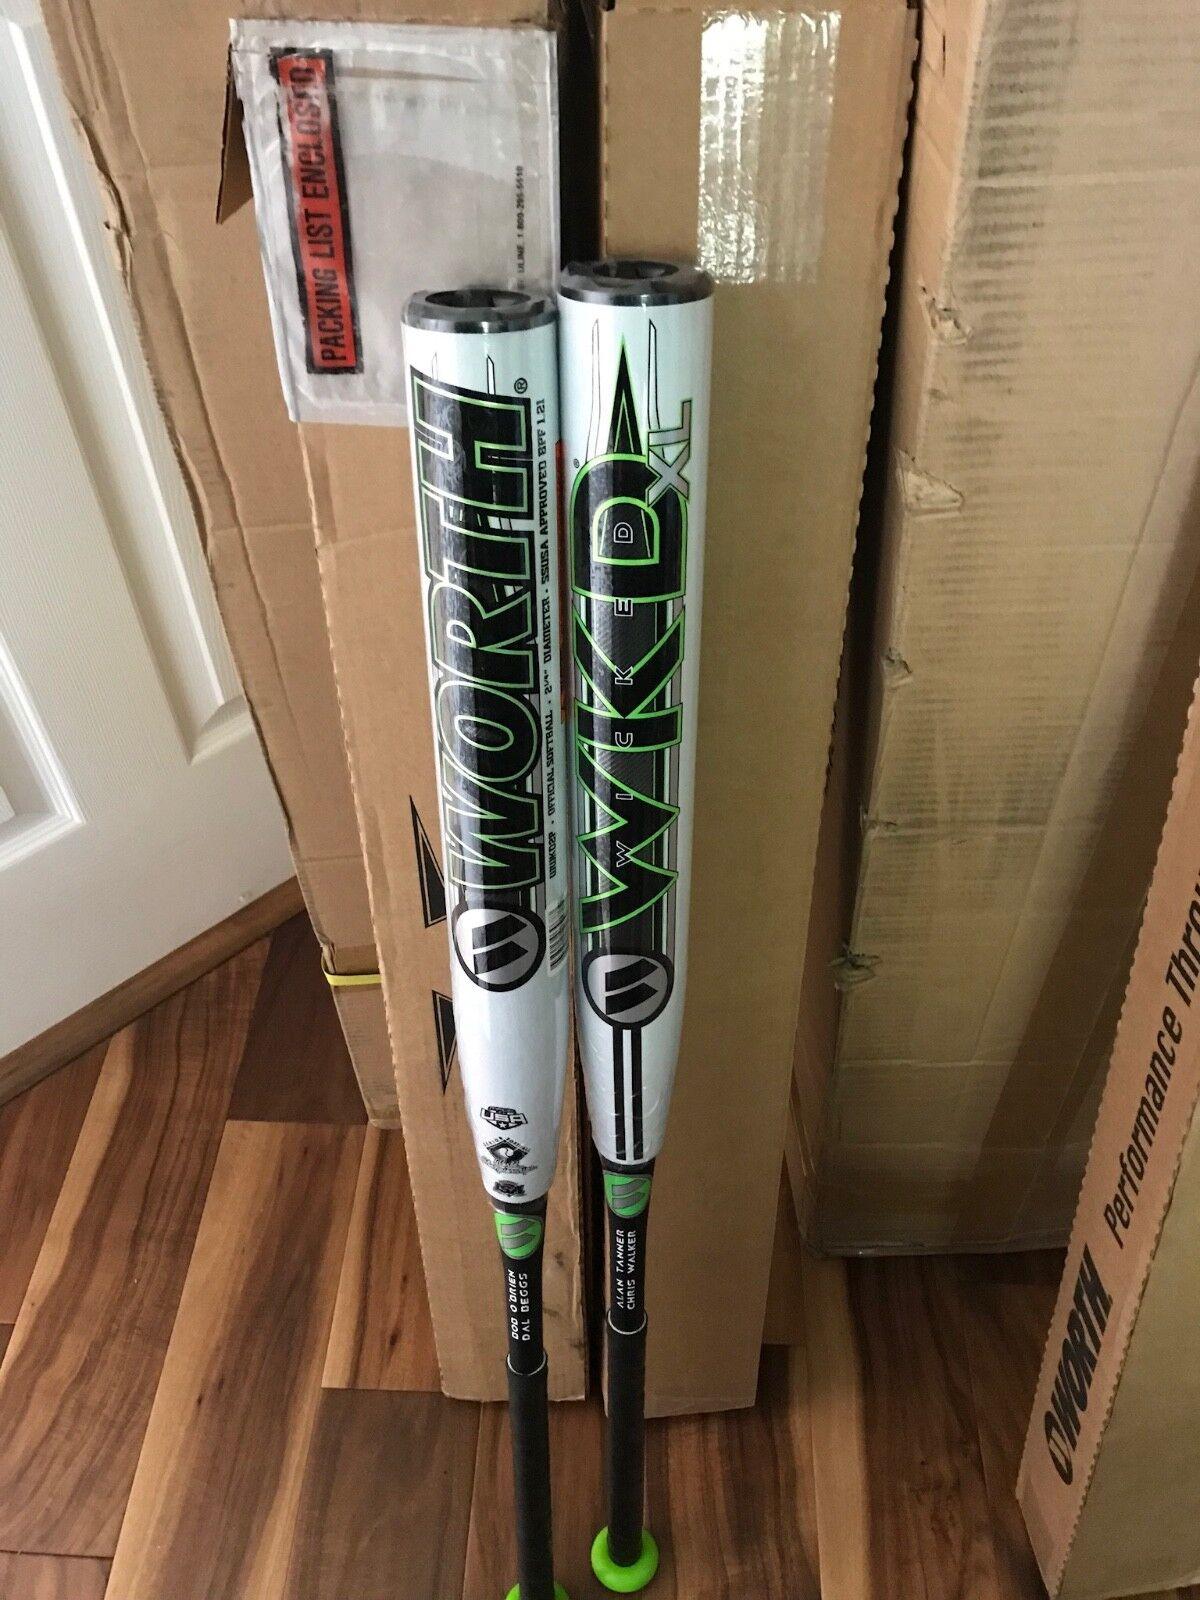 El nuevo vale Wicked Pro XL 26 onzas Nuevo En Envoltorio  compre ahora & obtener Envío urgente Gratuito